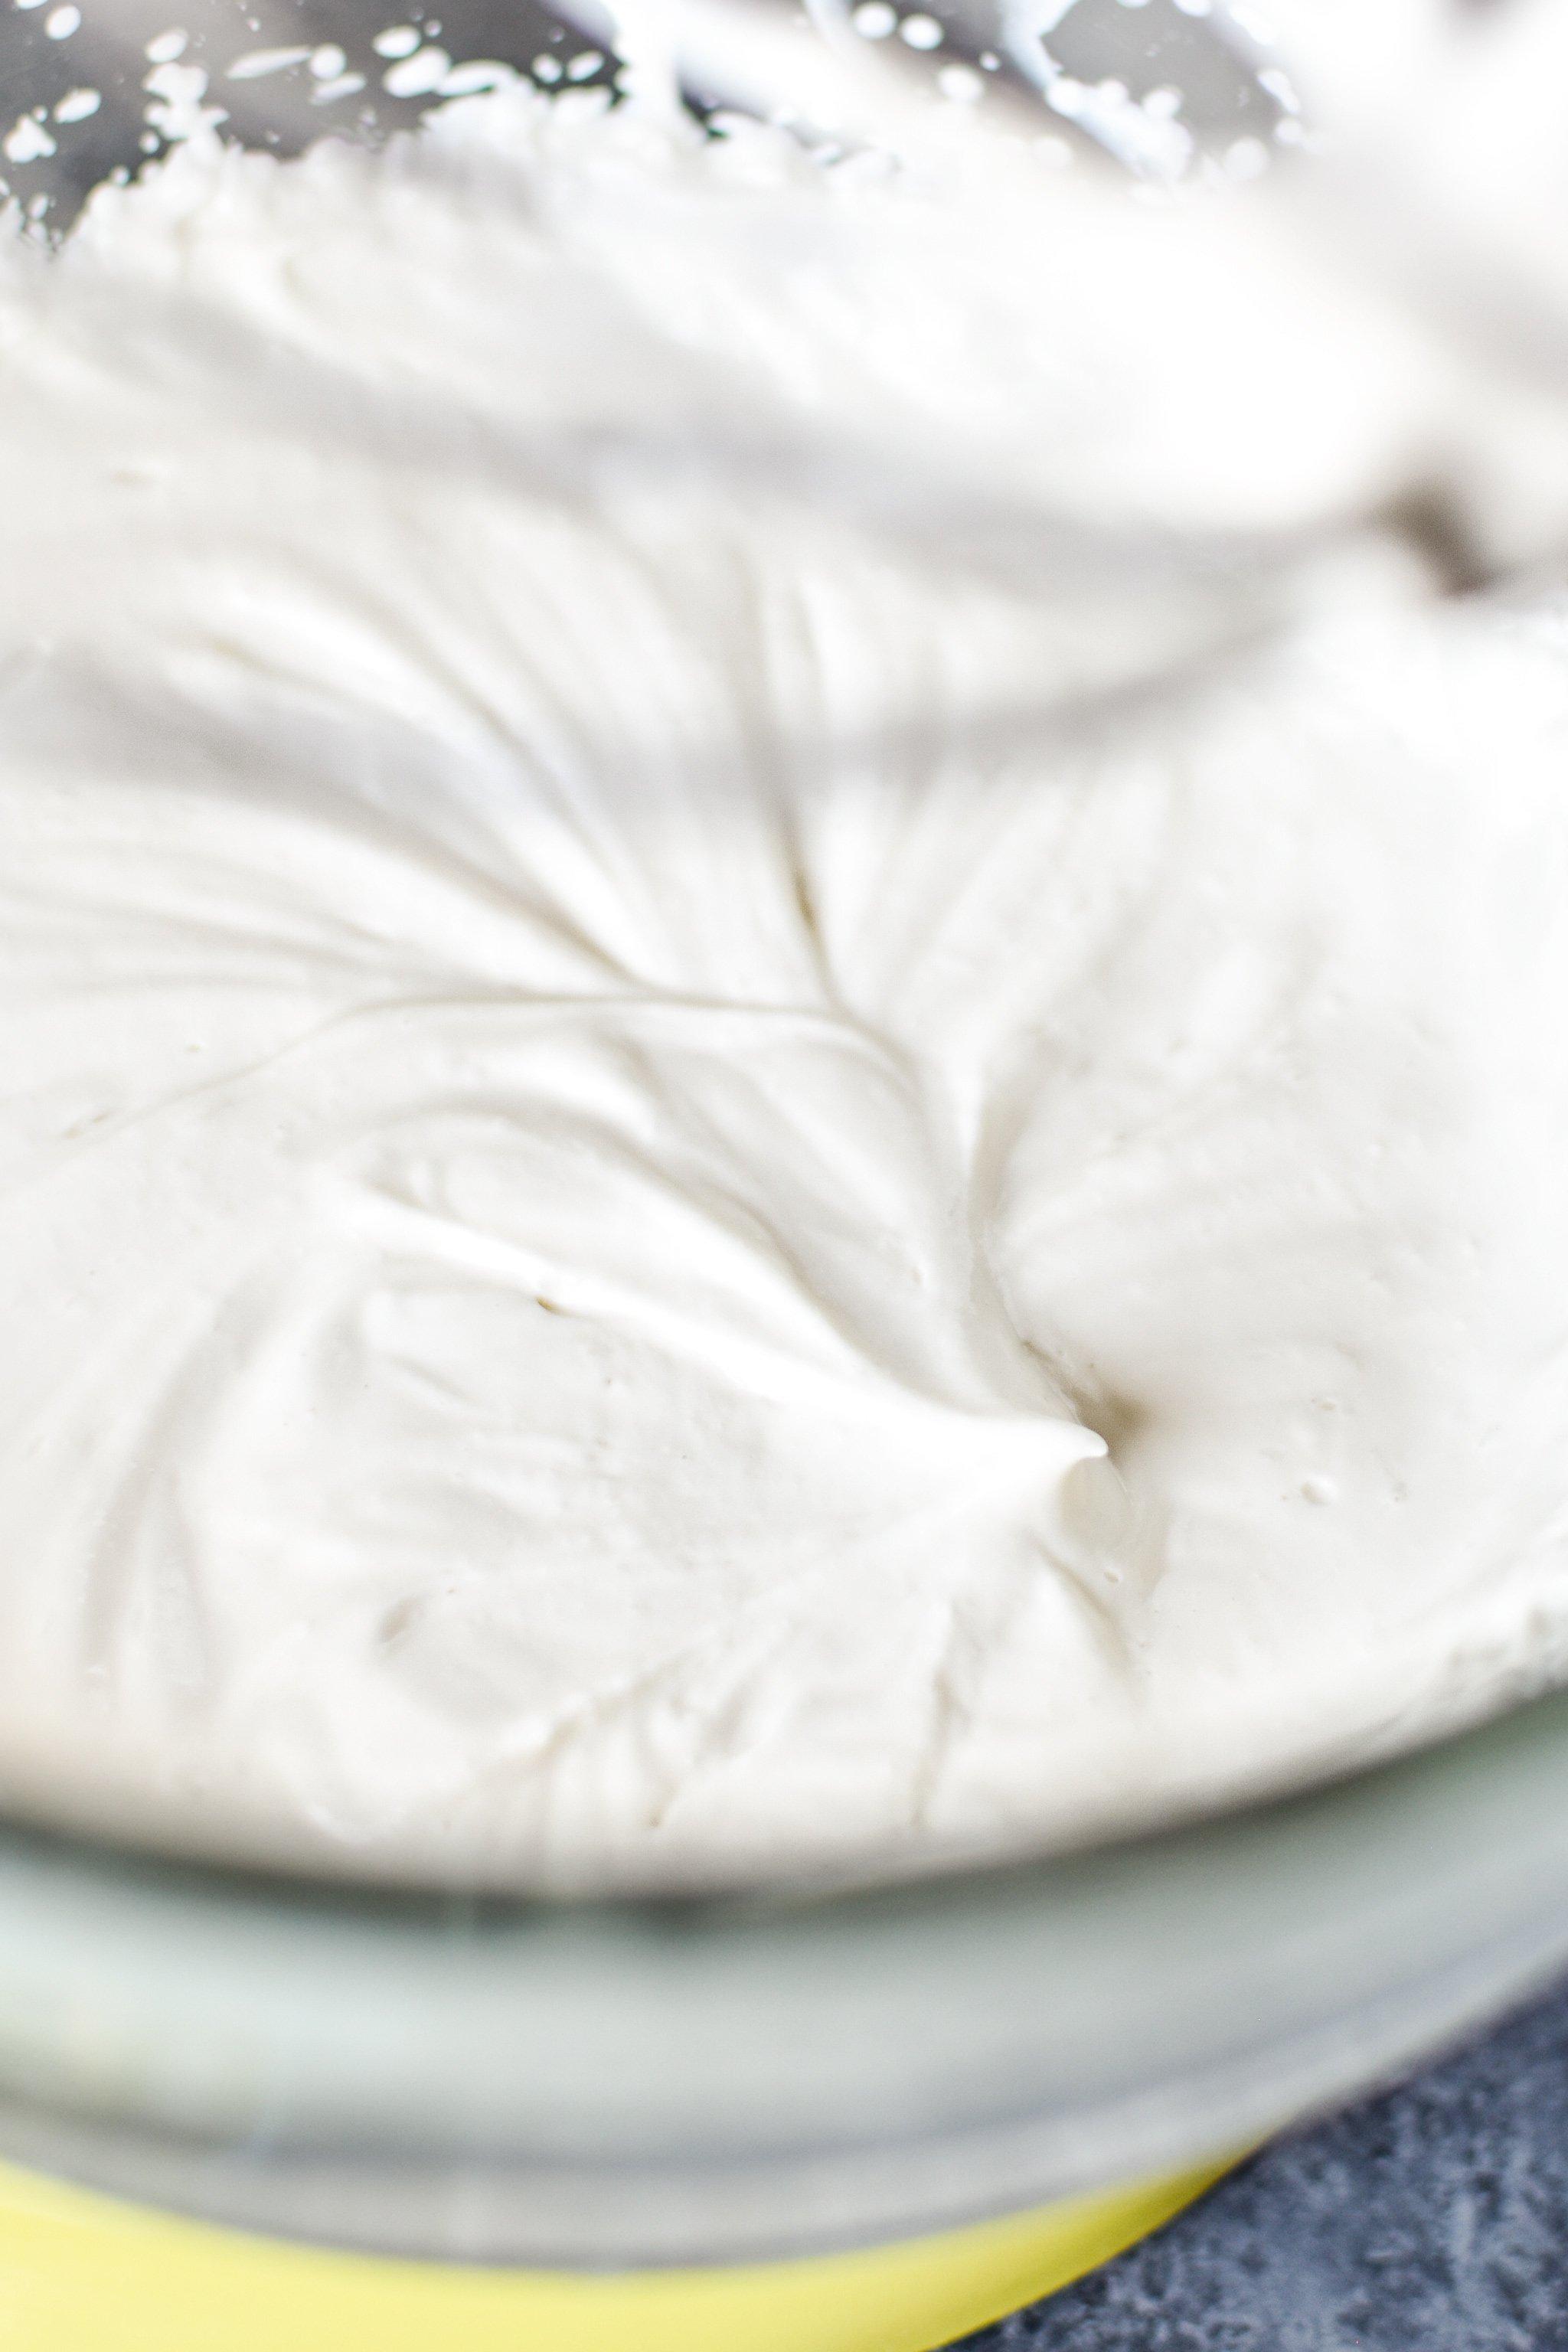 You want stiff-ish peaks when you make whipped Greek yogurt.